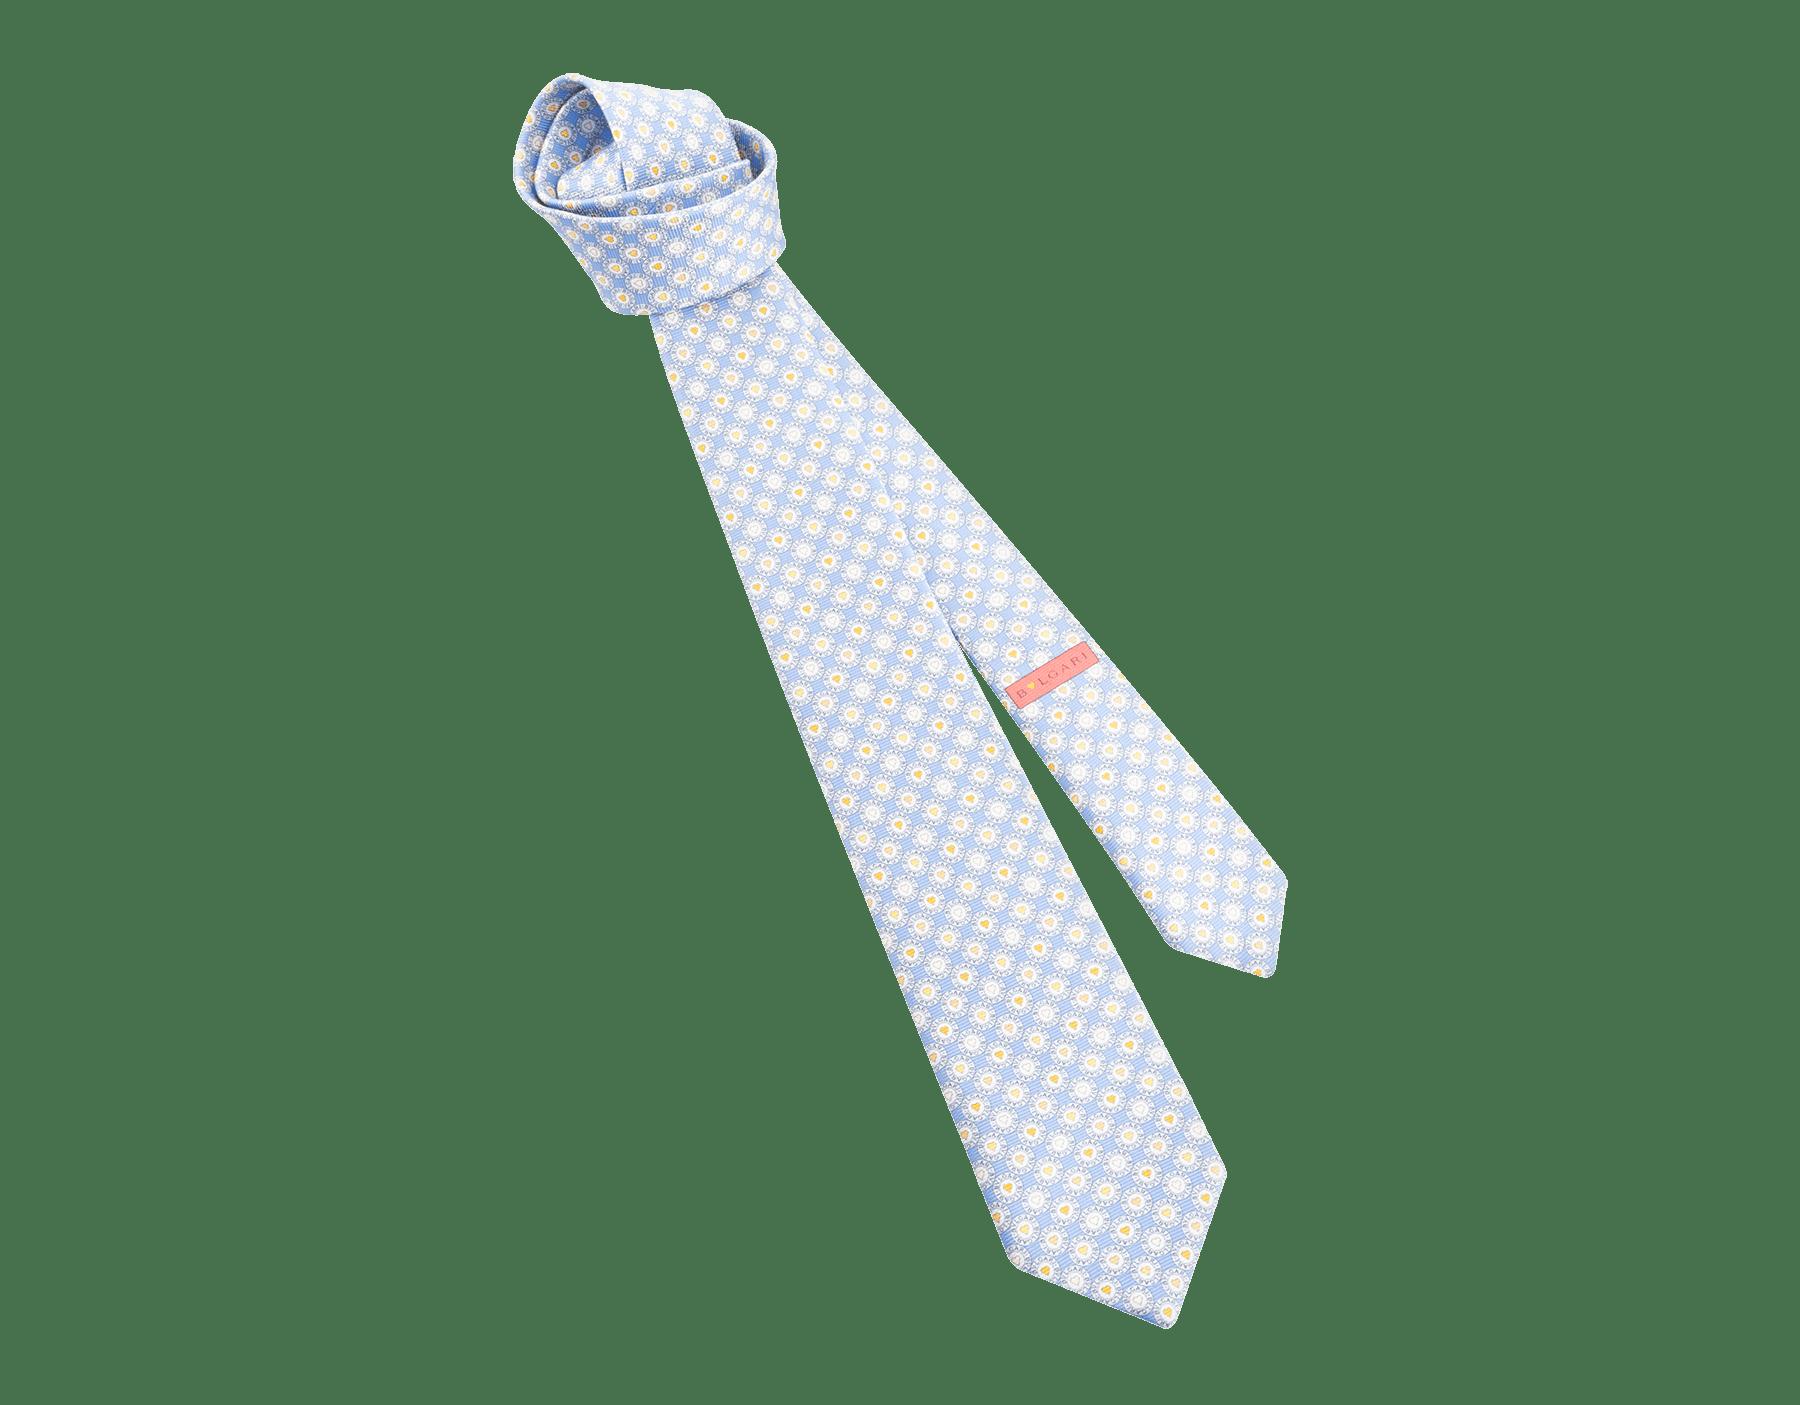 Cravate sept plis Logo BB Heart bleu clair en fine serge de soie imprimée. 244184 image 1